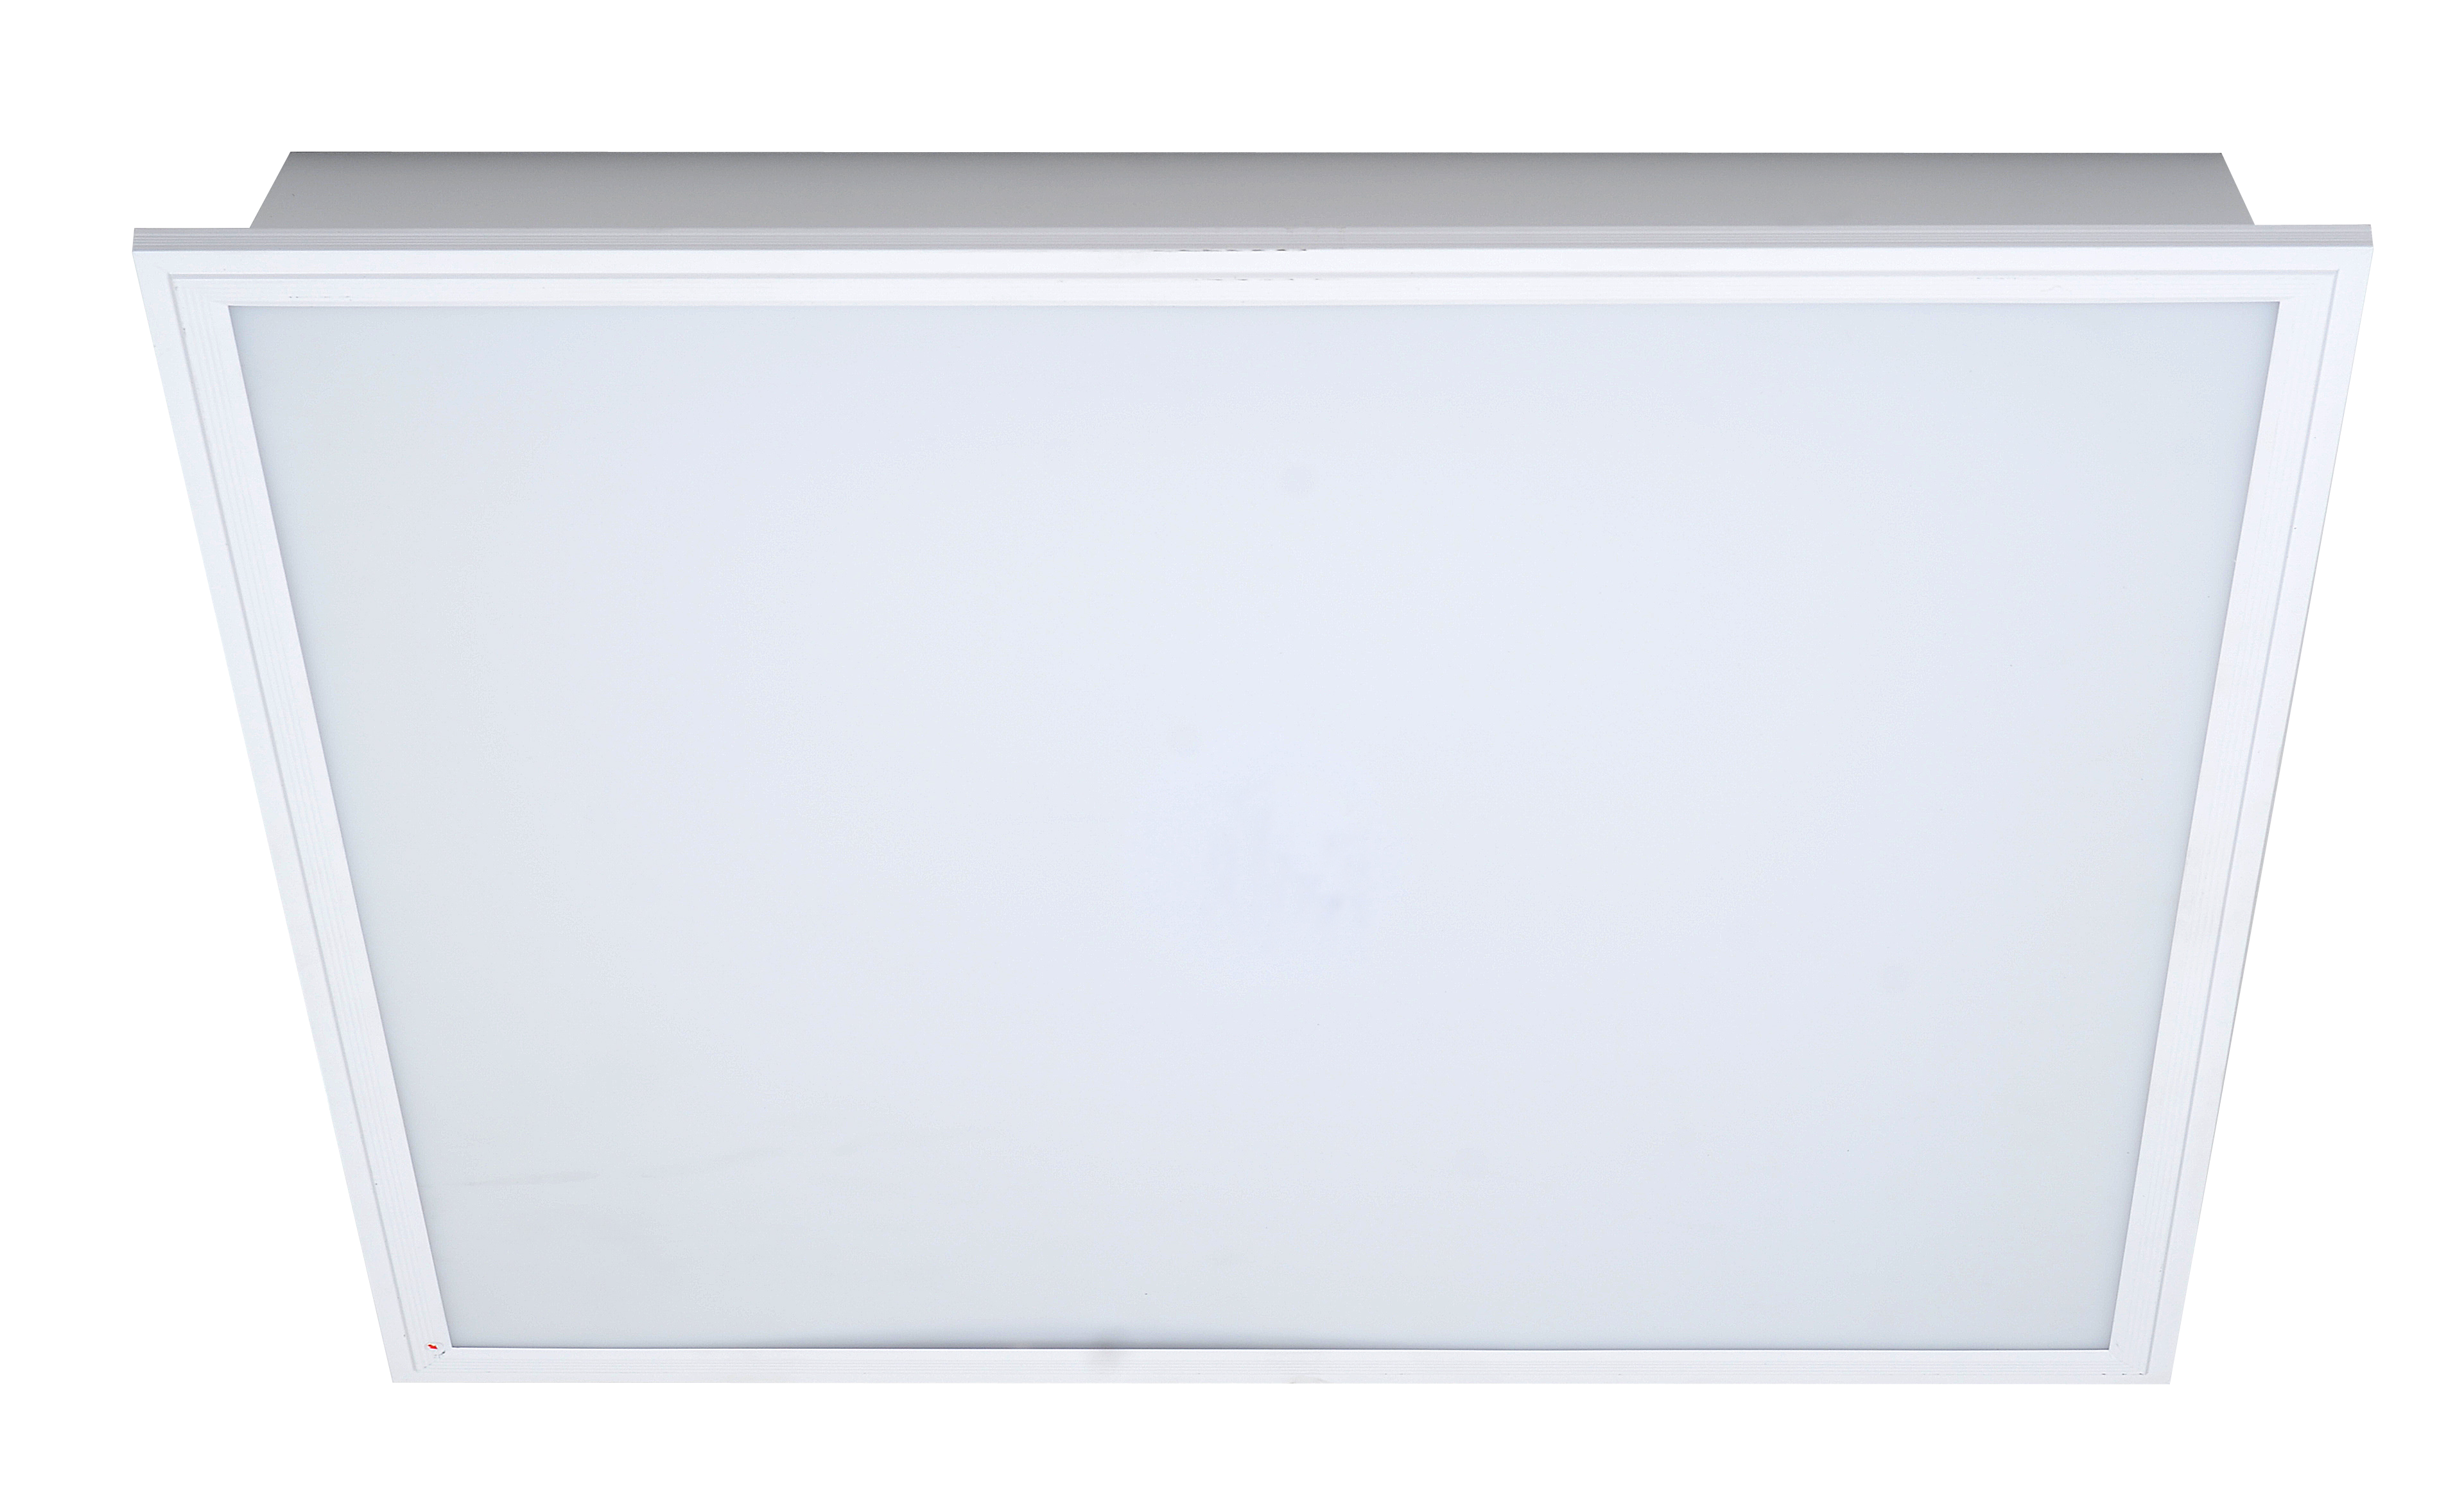 LED Ceiling/ Panel Light_2